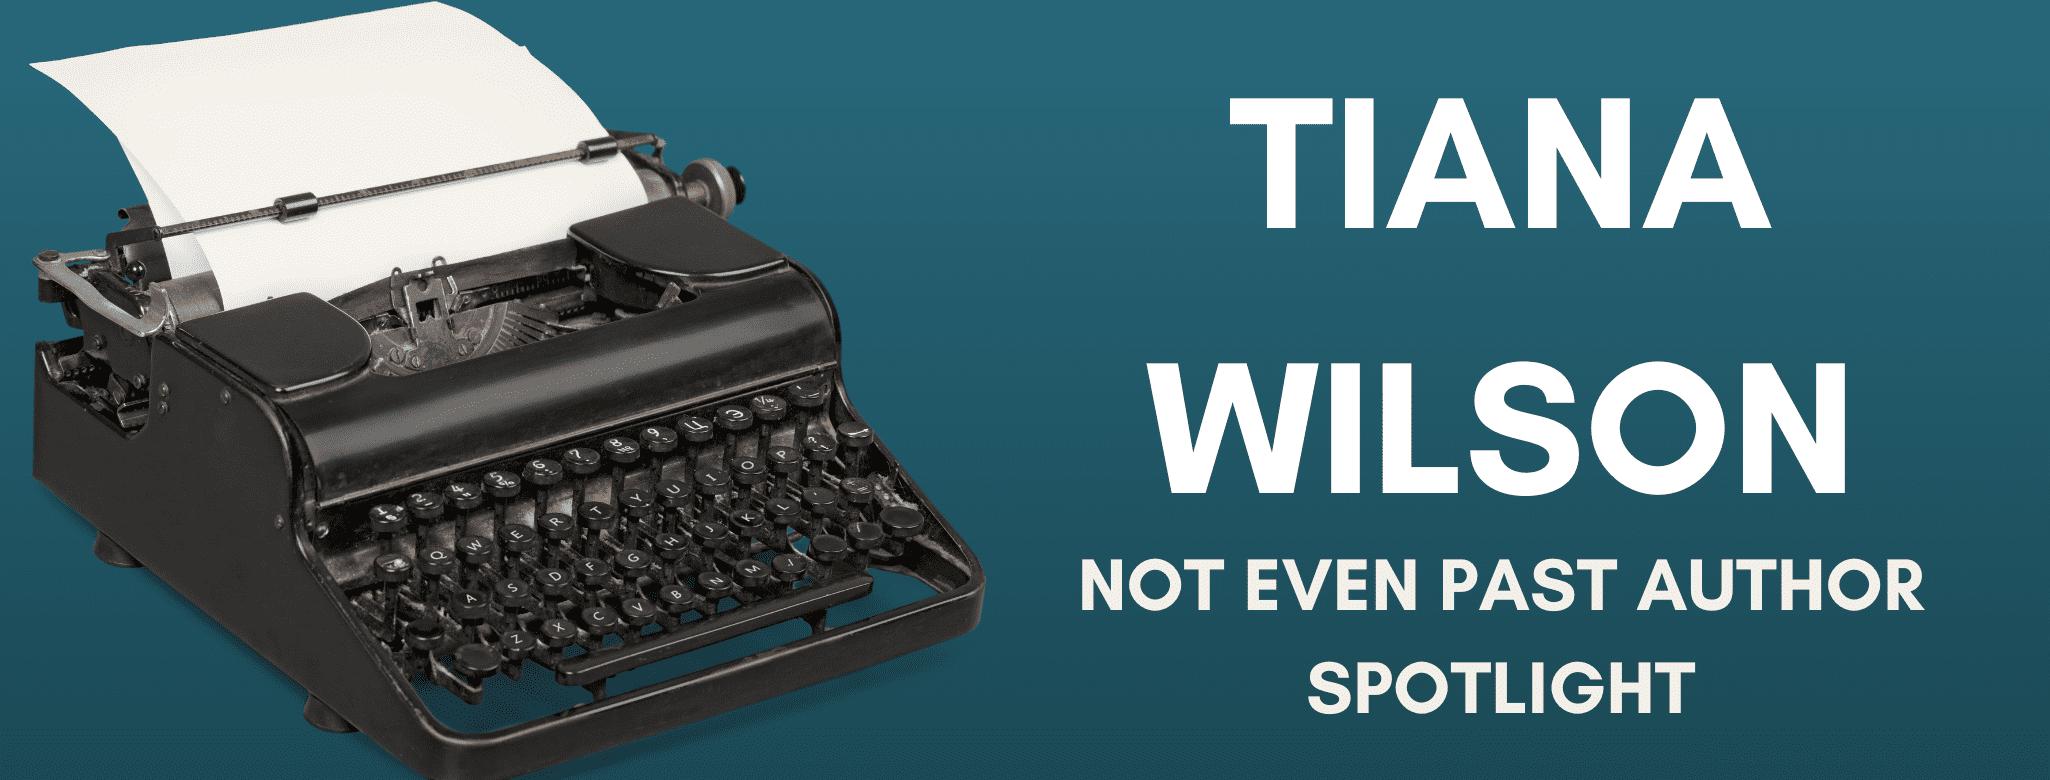 Nep Author Spotlight Tiana Wilson